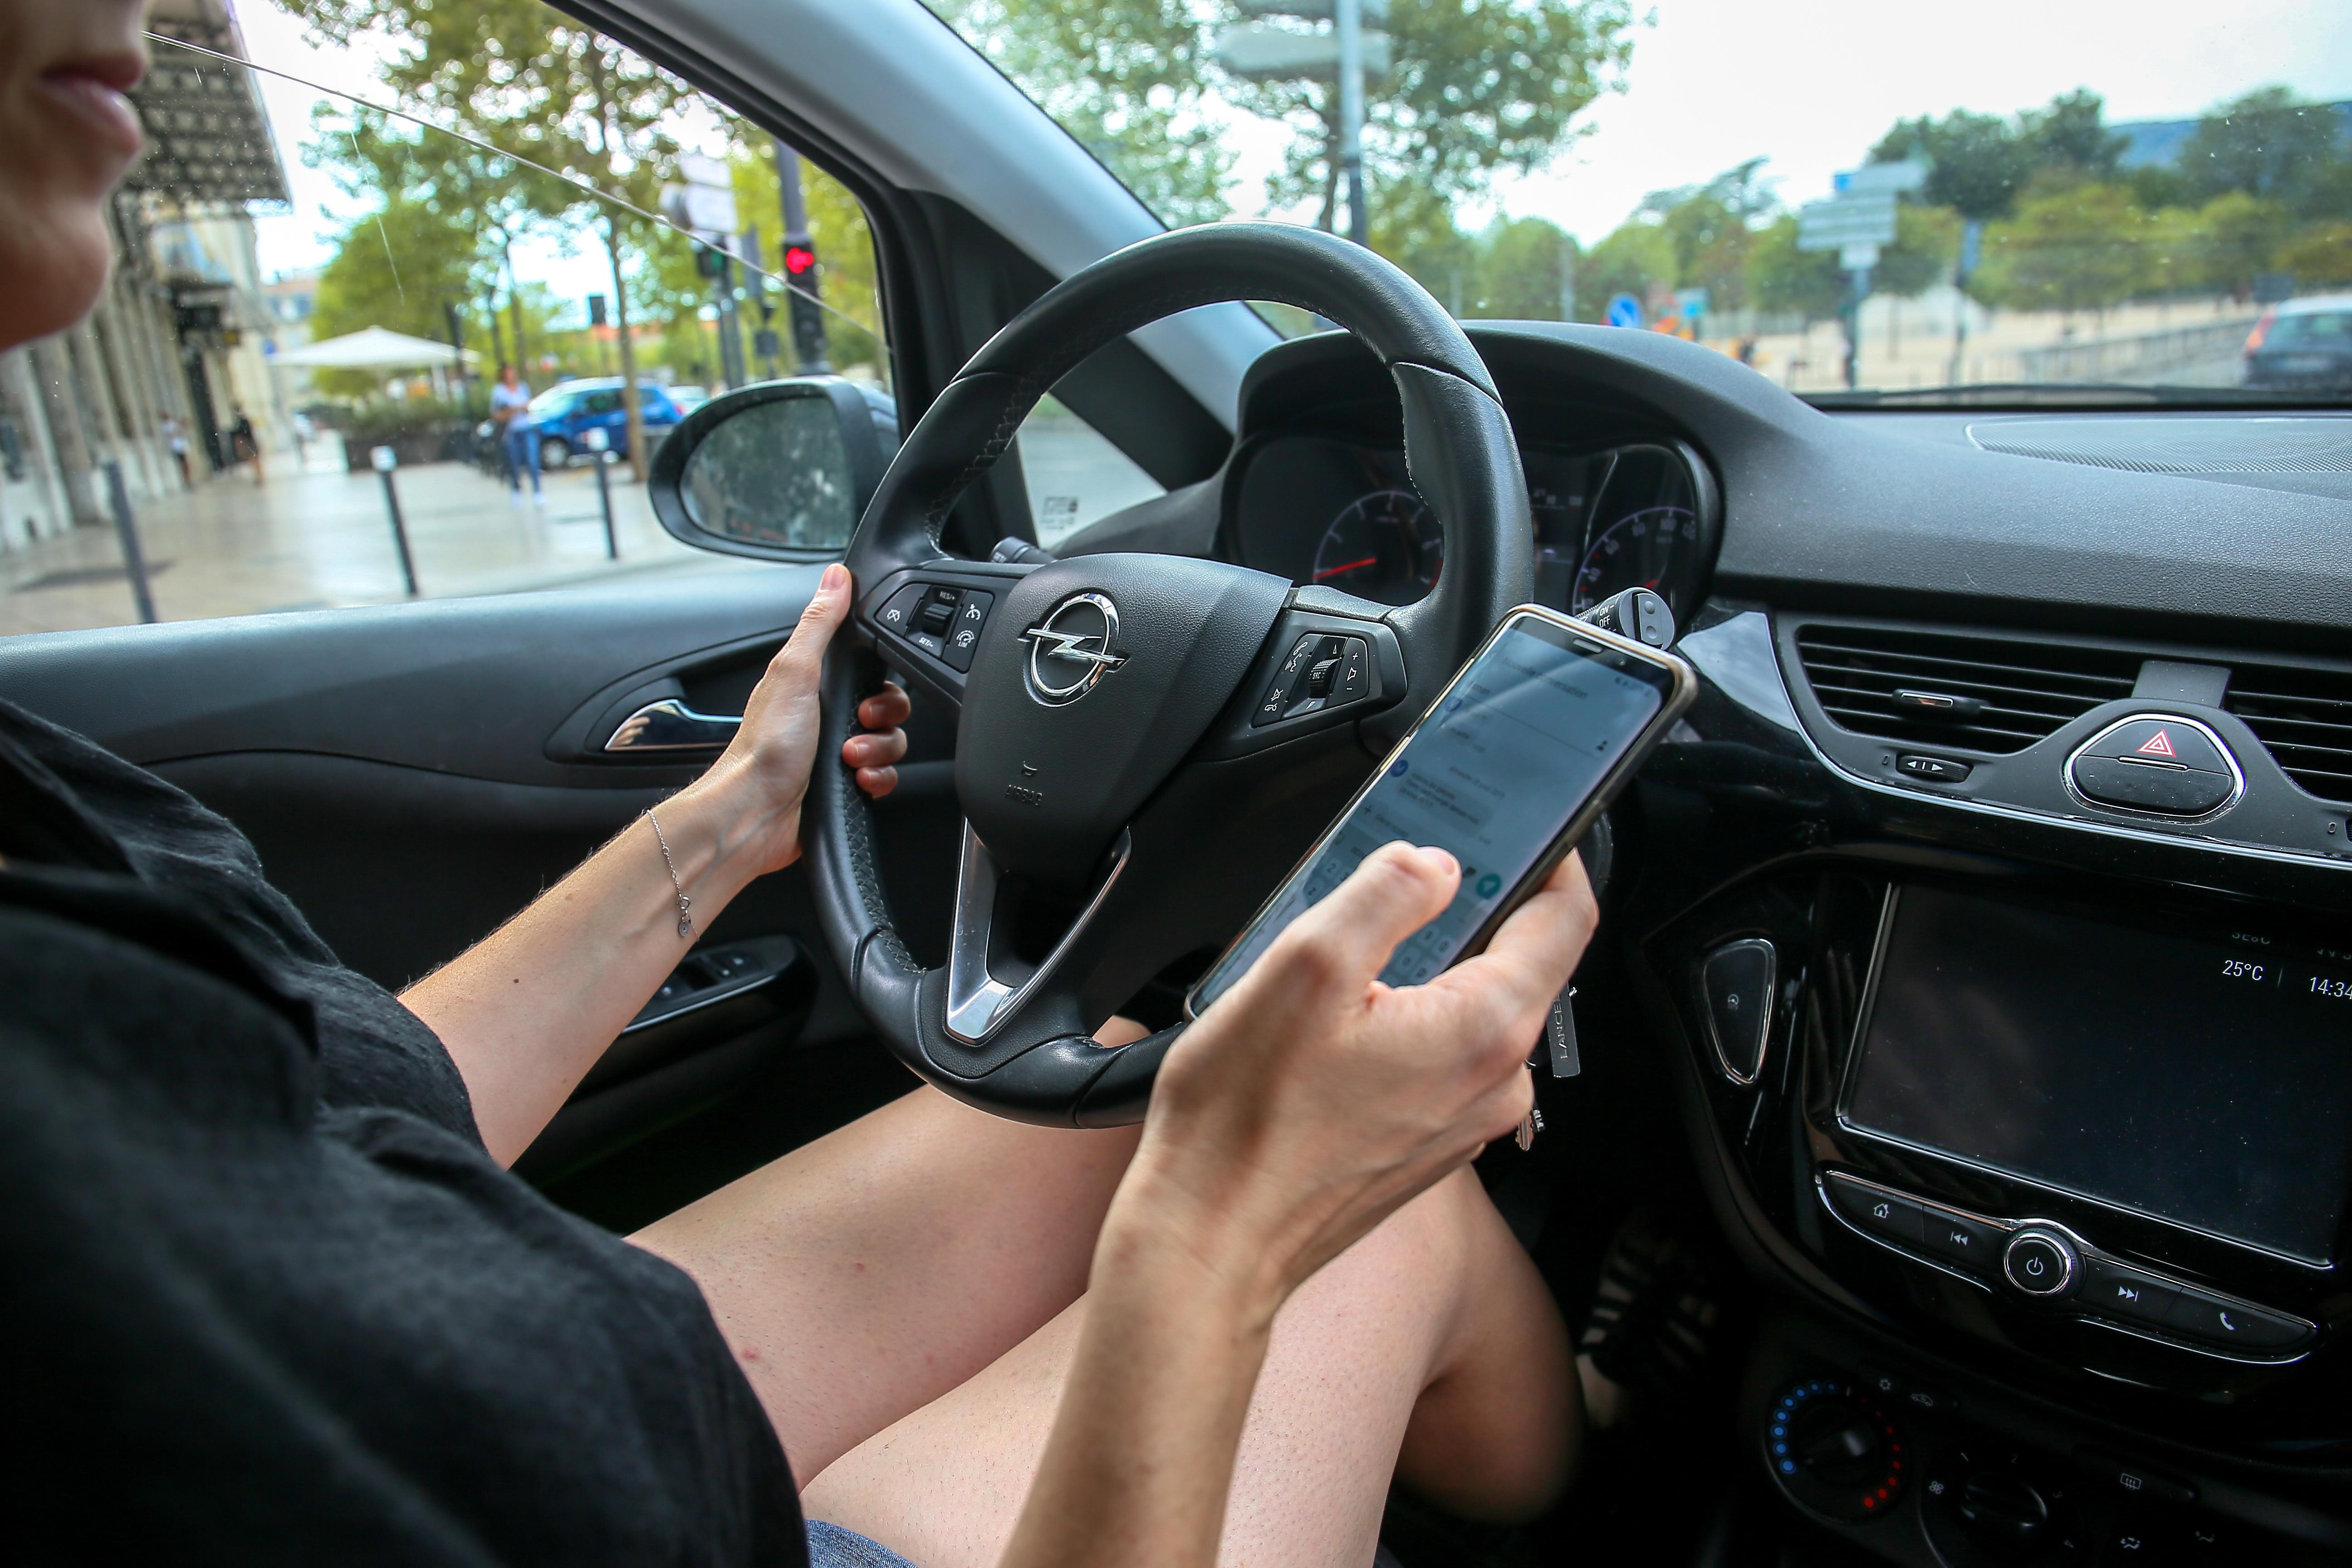 Mobiltelefon-detektoros kamerákat szerelnek fel Új-Dél-Walesben